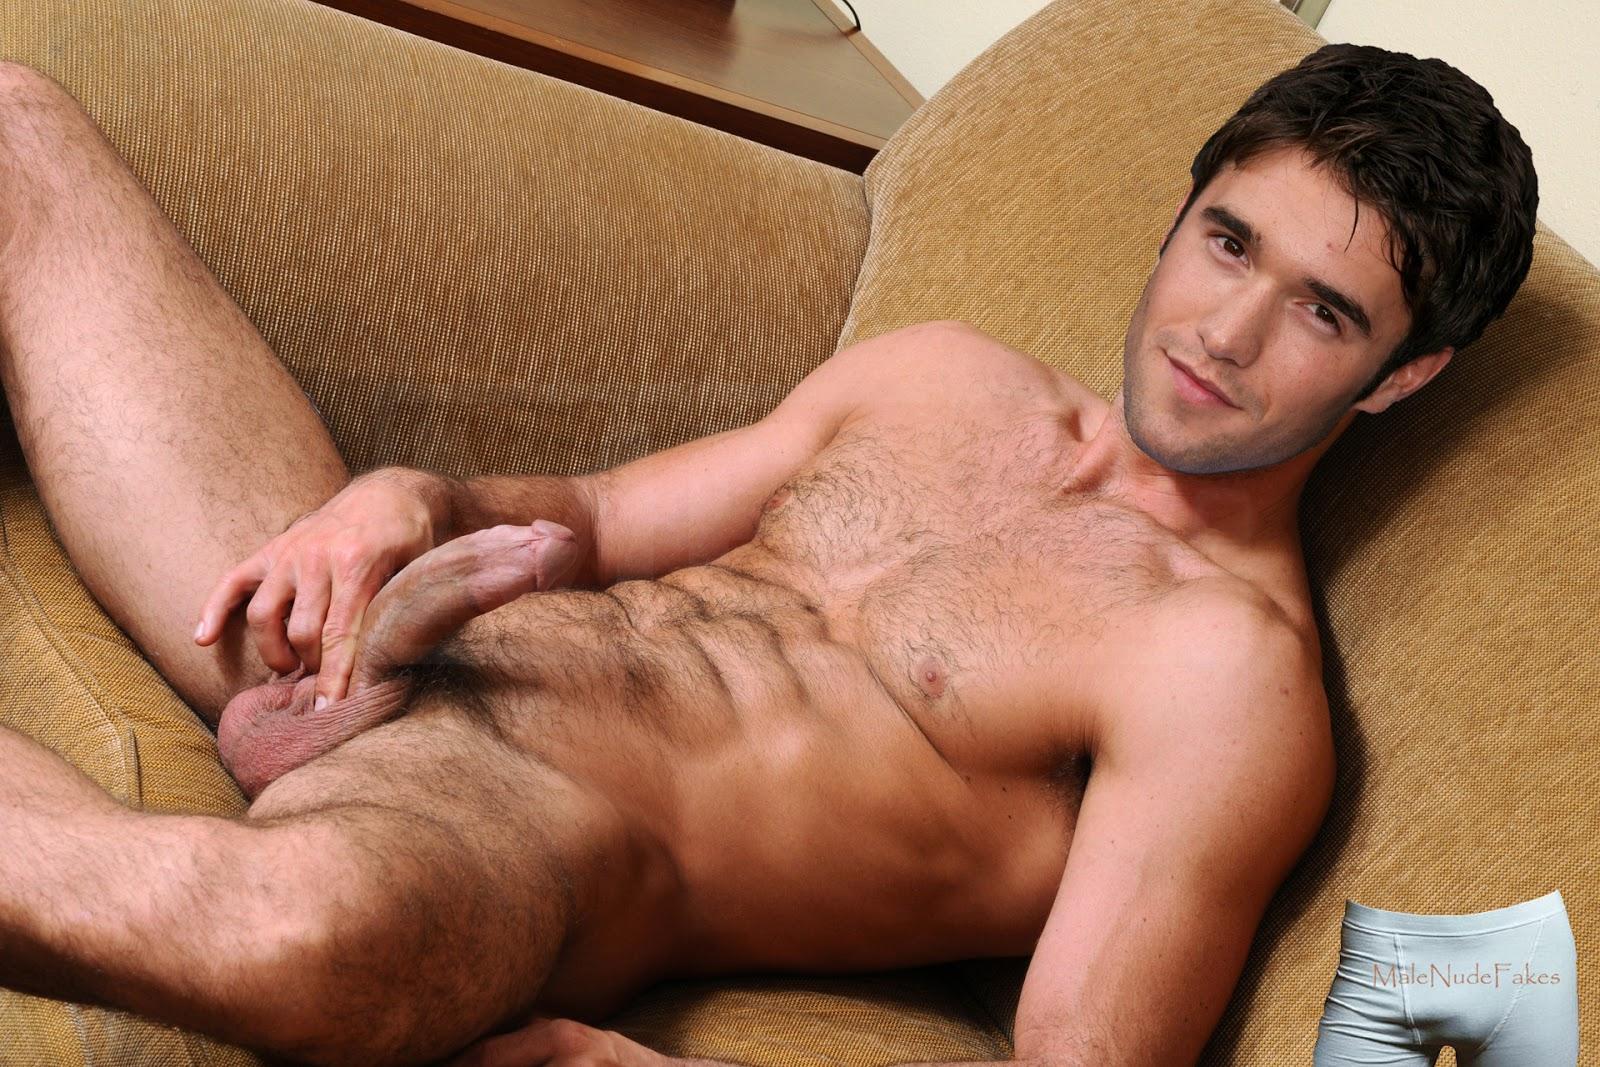 Порнуха фото мужчин, Голый мужик четкие порно фото порева ебли секса онлайн 10 фотография